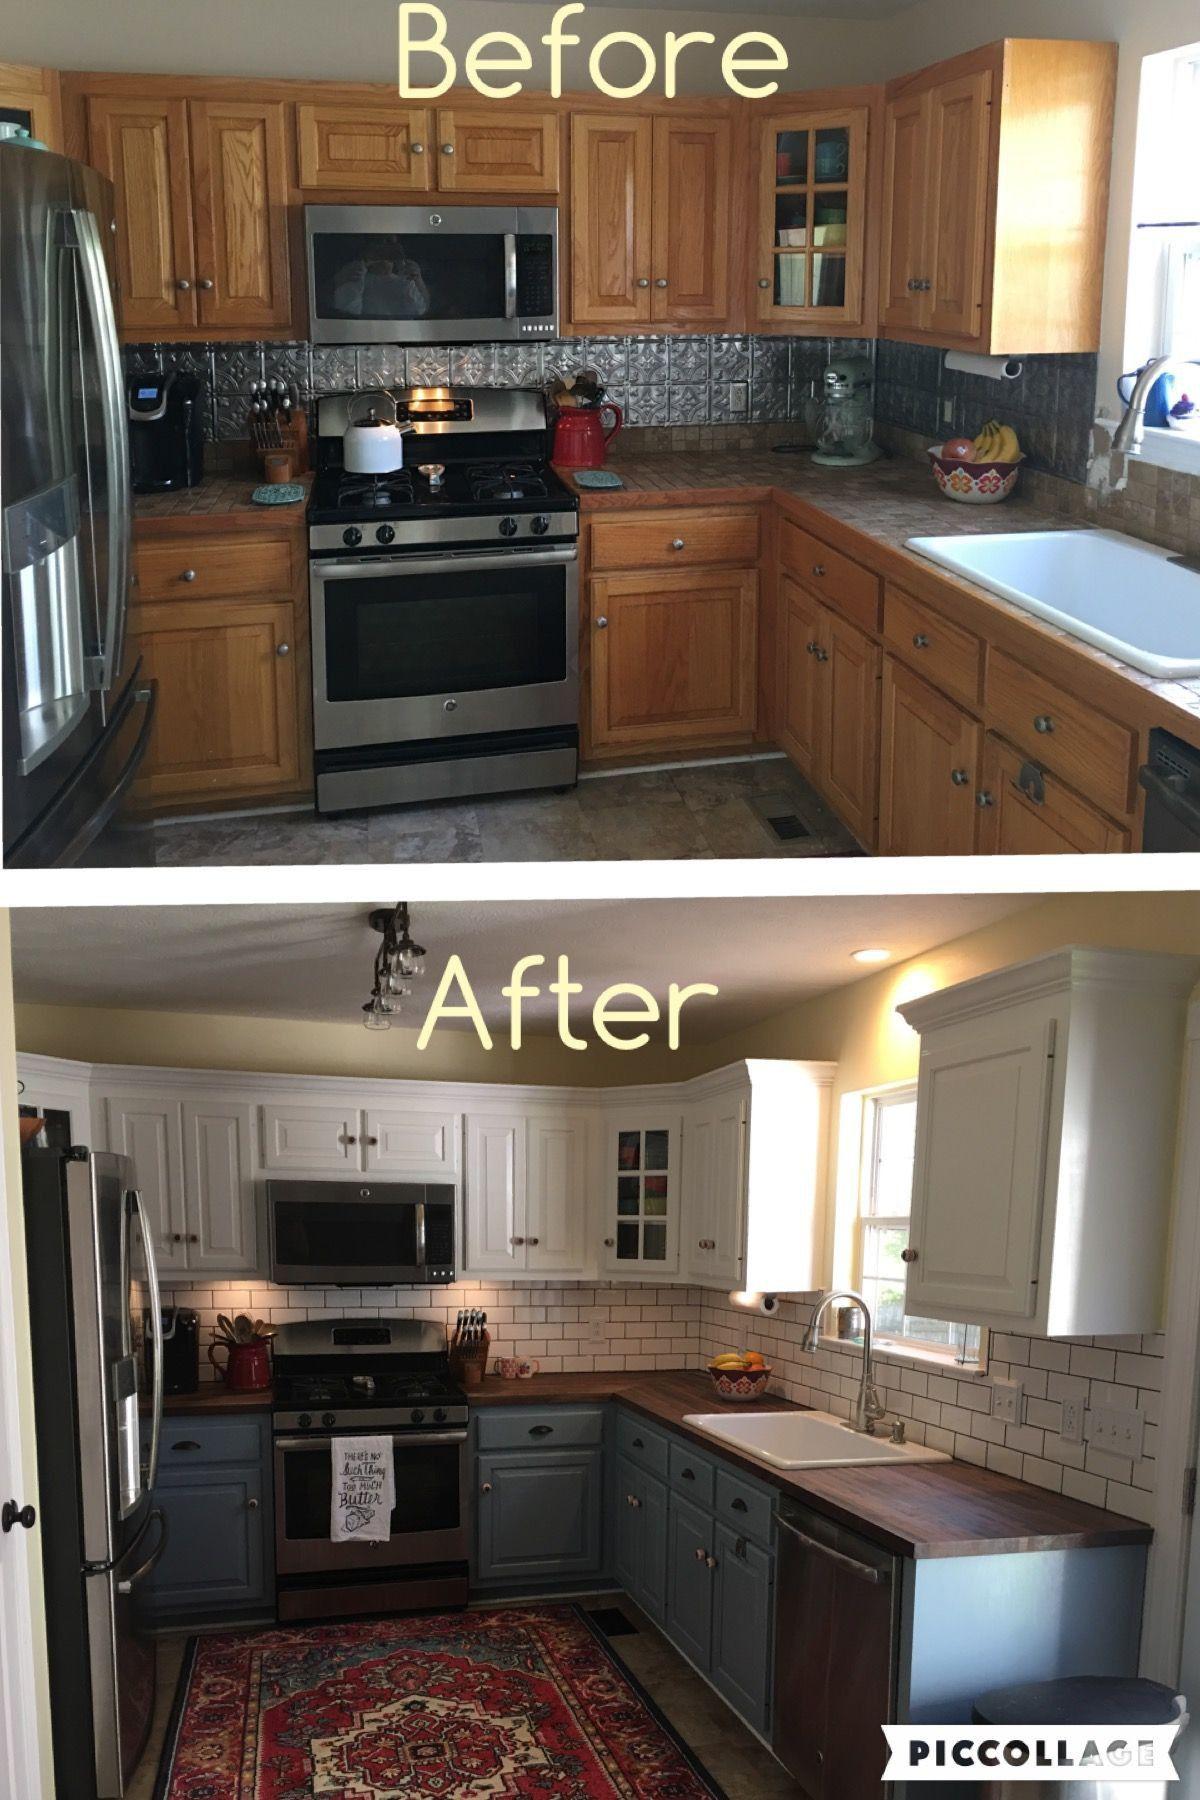 Elegant Lowes Kitchen Cabinet Paint Kit Cheap Kitchen Makeover Diy Kitchen Remodel Diy Kitchen Renovation